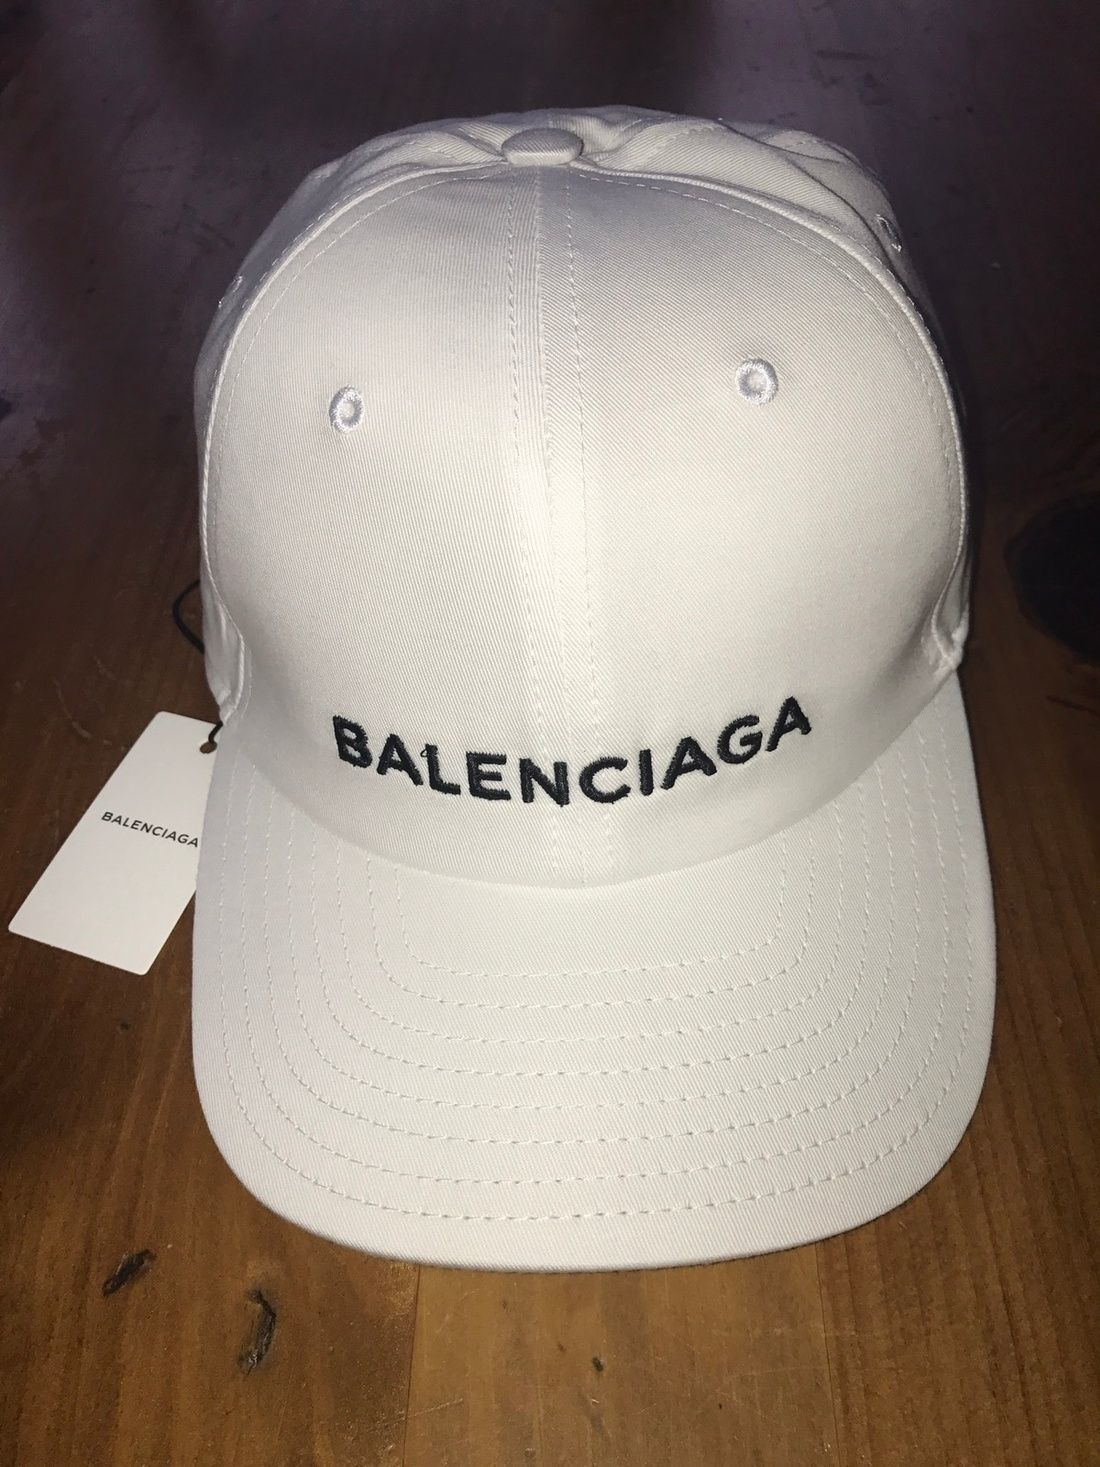 7d684d3484c Balenciaga Balenciaga Cap Size One Size  450 - Grailed ...